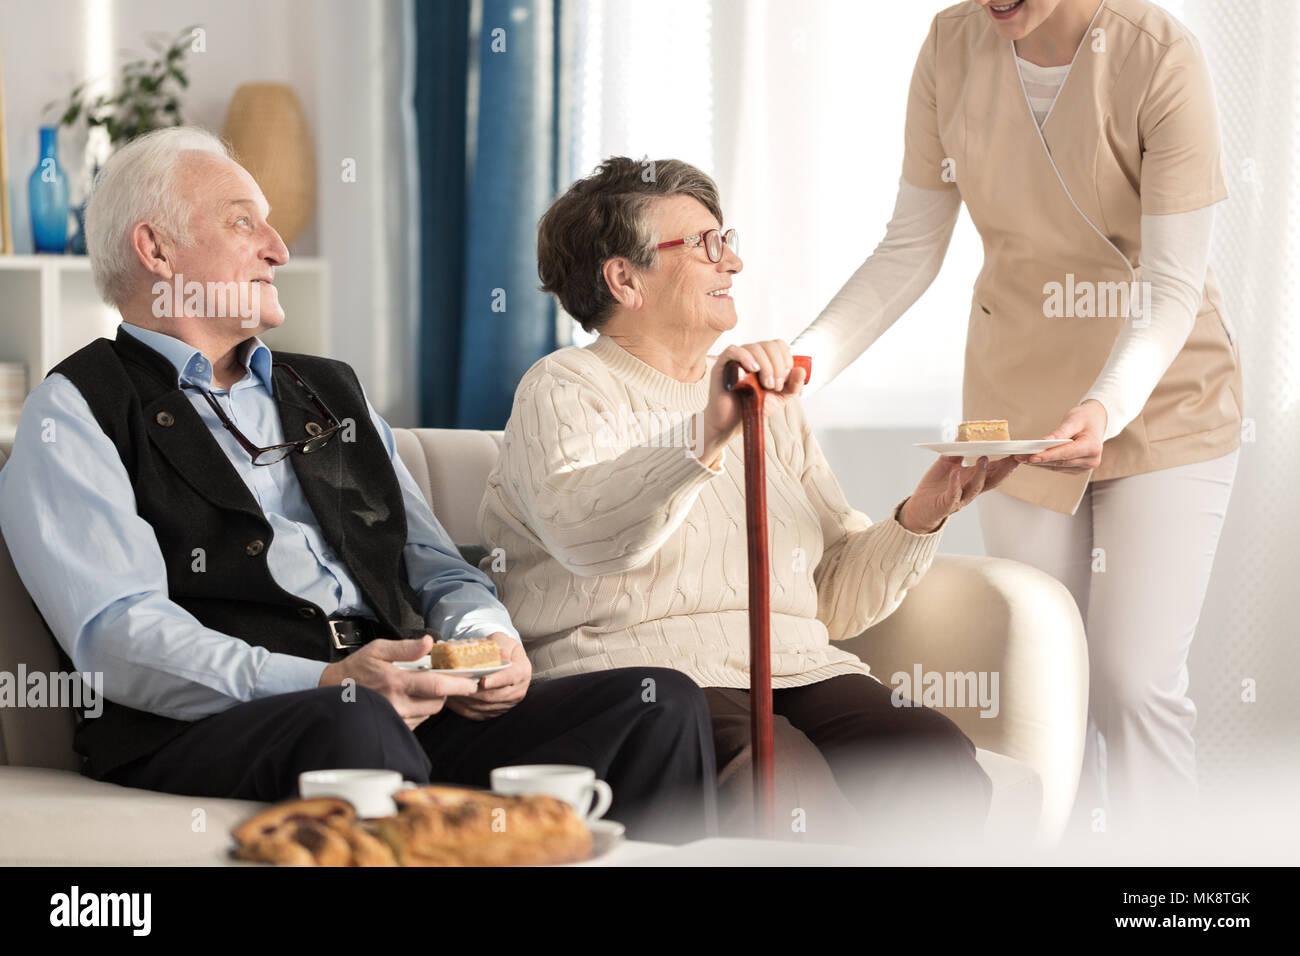 Couple gériatrique à l'arthrite assis sur une table et d'être servi un morceau de gâteau dans l'attente d'un rendez-vous chez le médecin lors d'une luxueuse salle de clini Banque D'Images